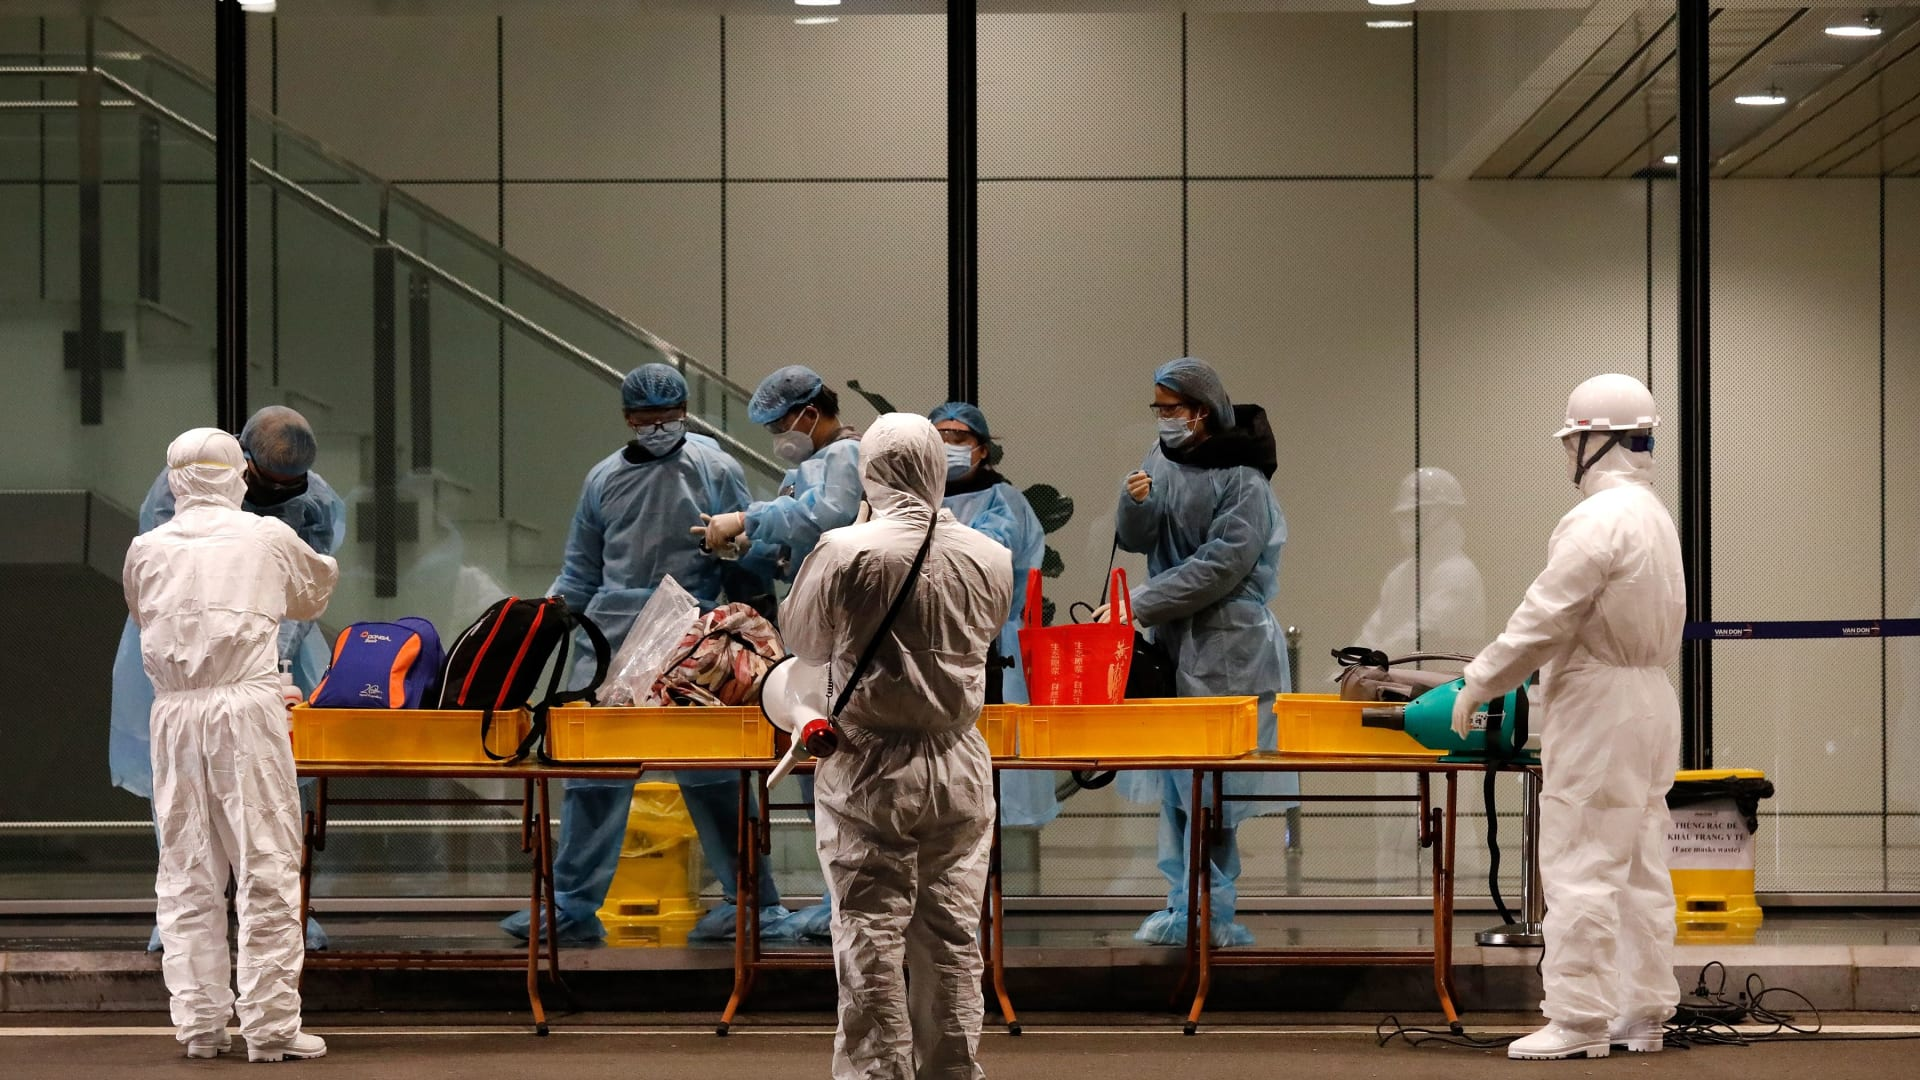 شخصان يتعافيان من فيروس كورونا يتحدثان لـCNN عن تجربتهما